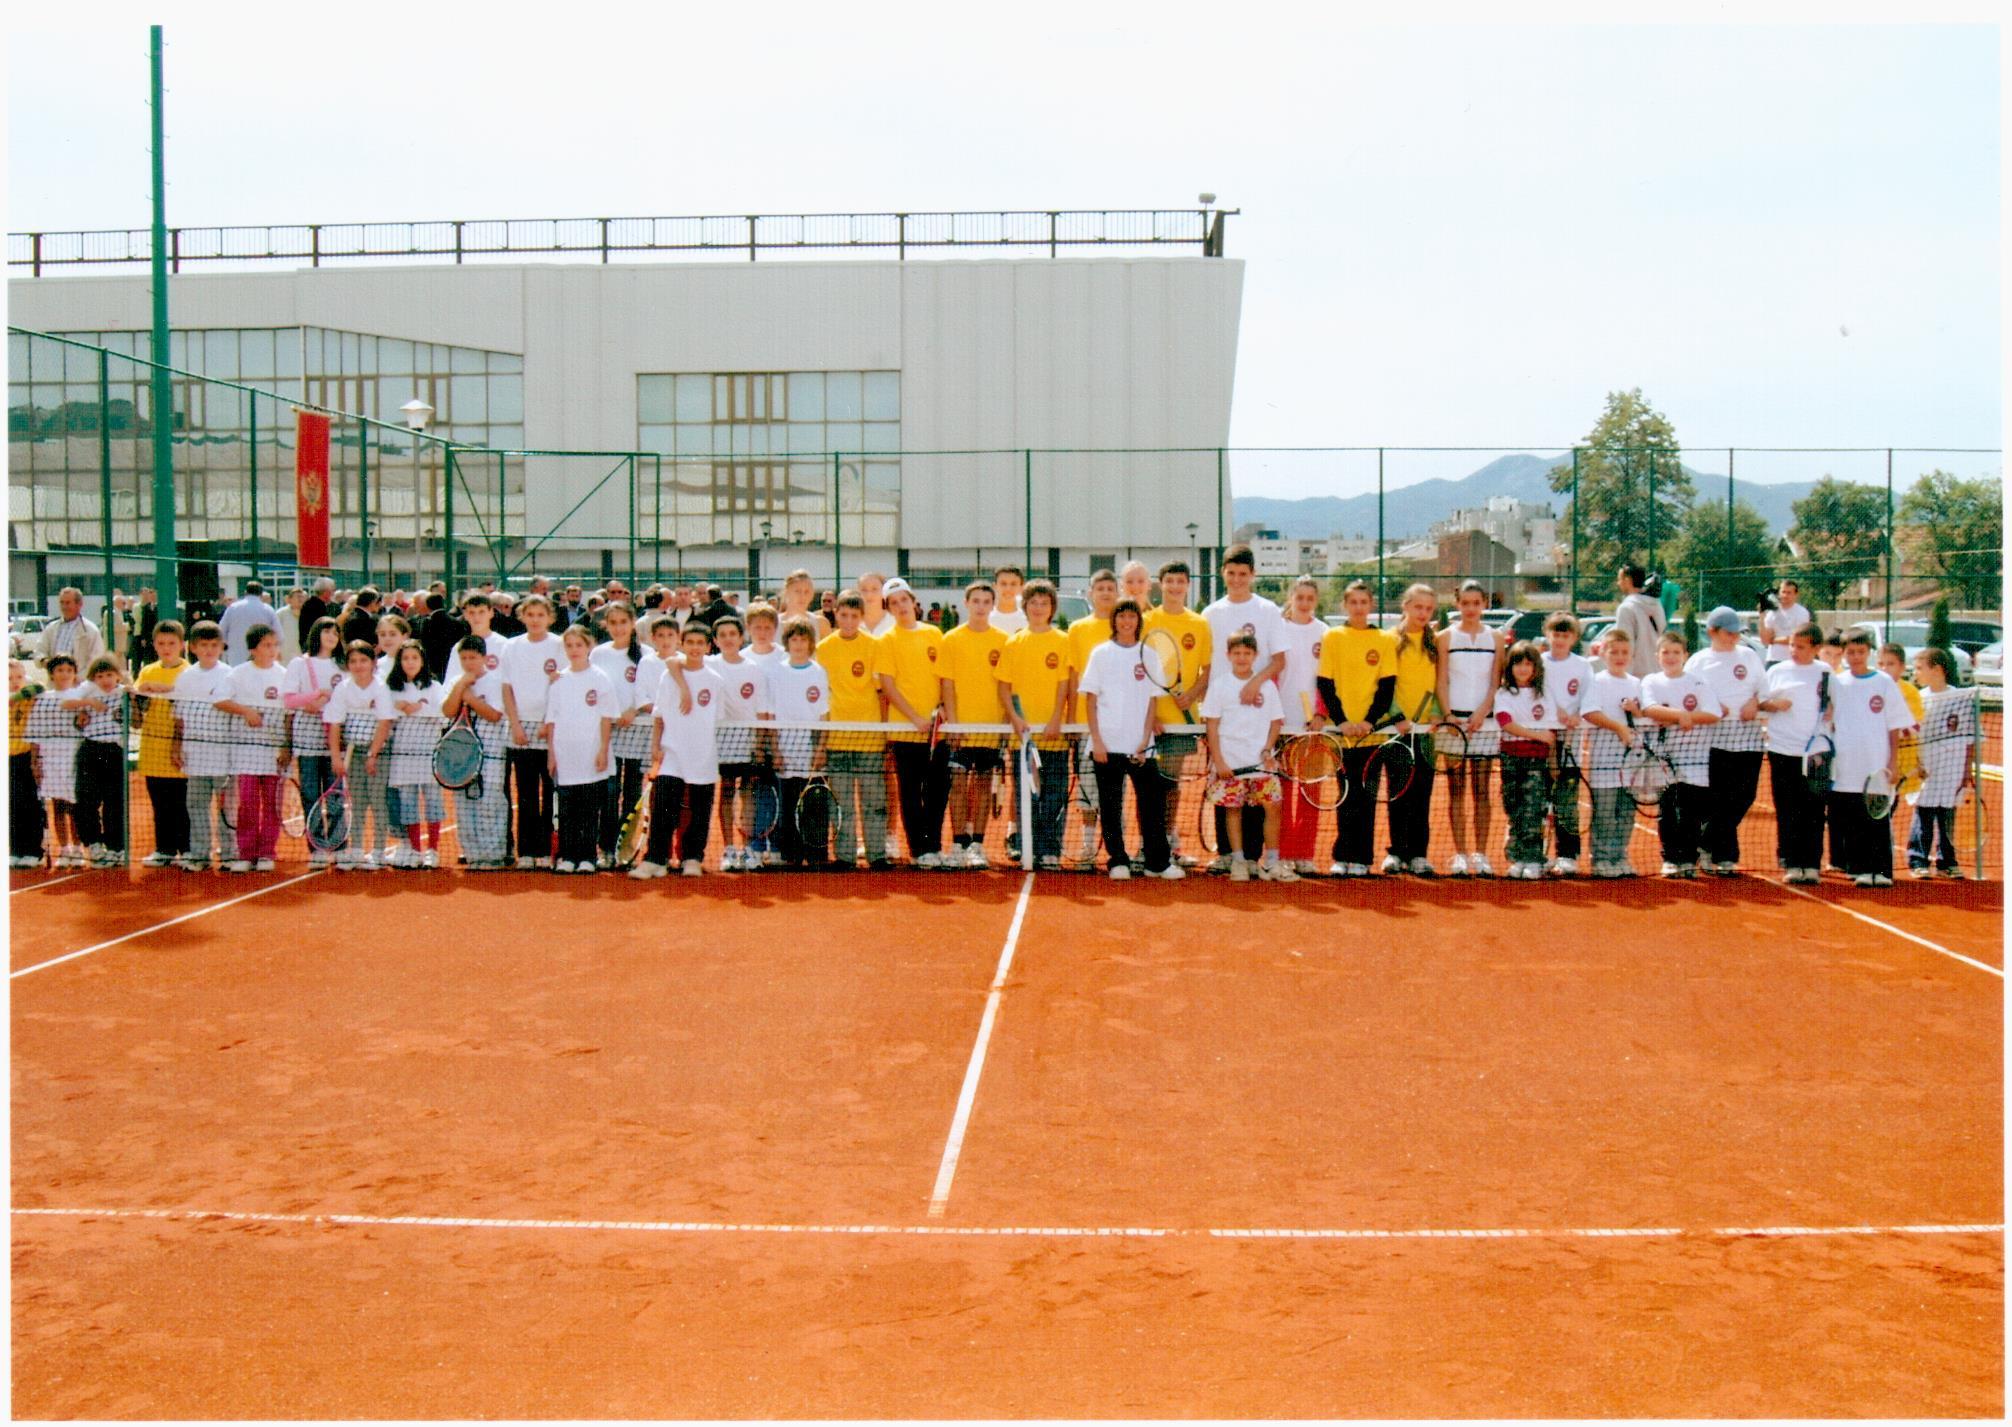 Teniski-teren-otvaranje